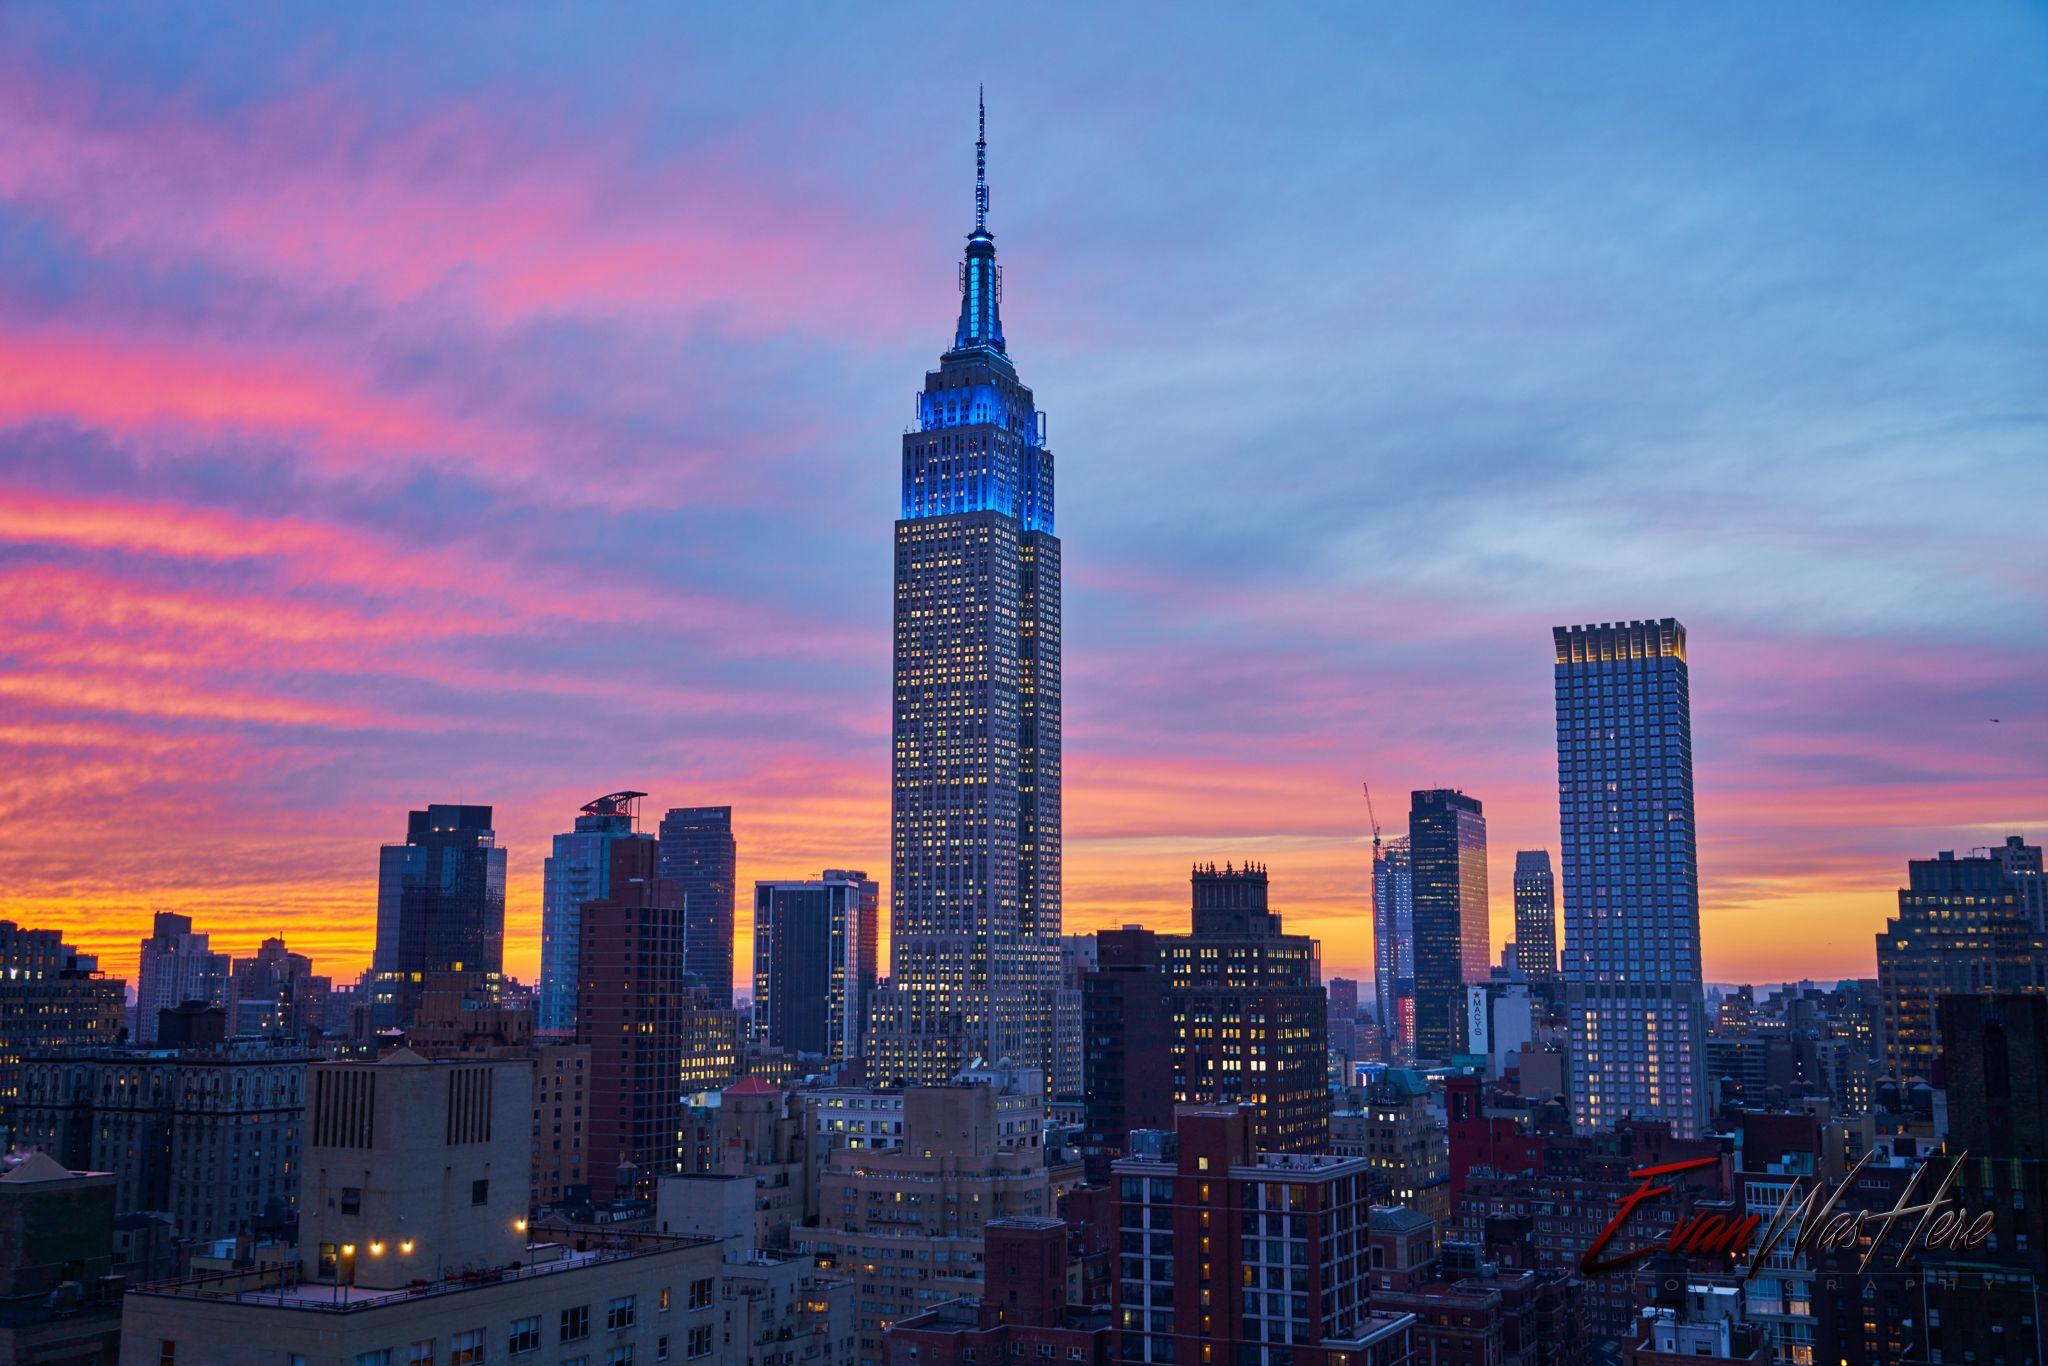 Sunset in Manhattan 12/7/15